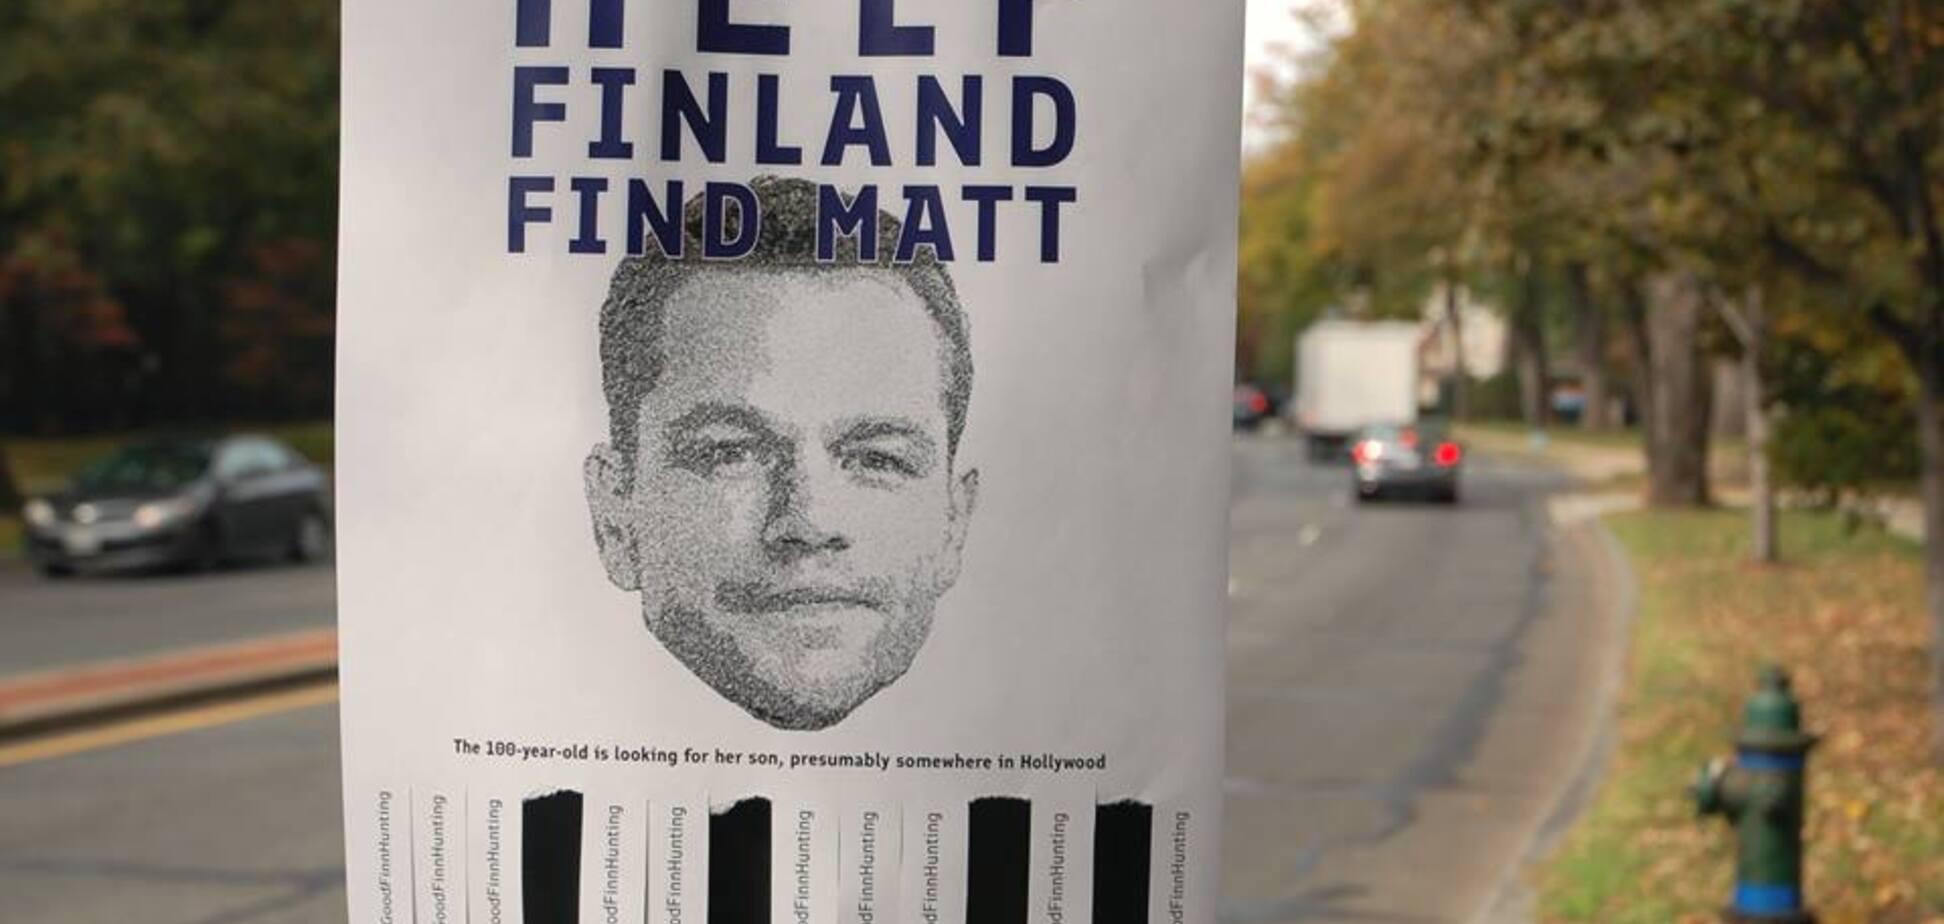 Фінляндія оголосила в розшук відомого американського актора